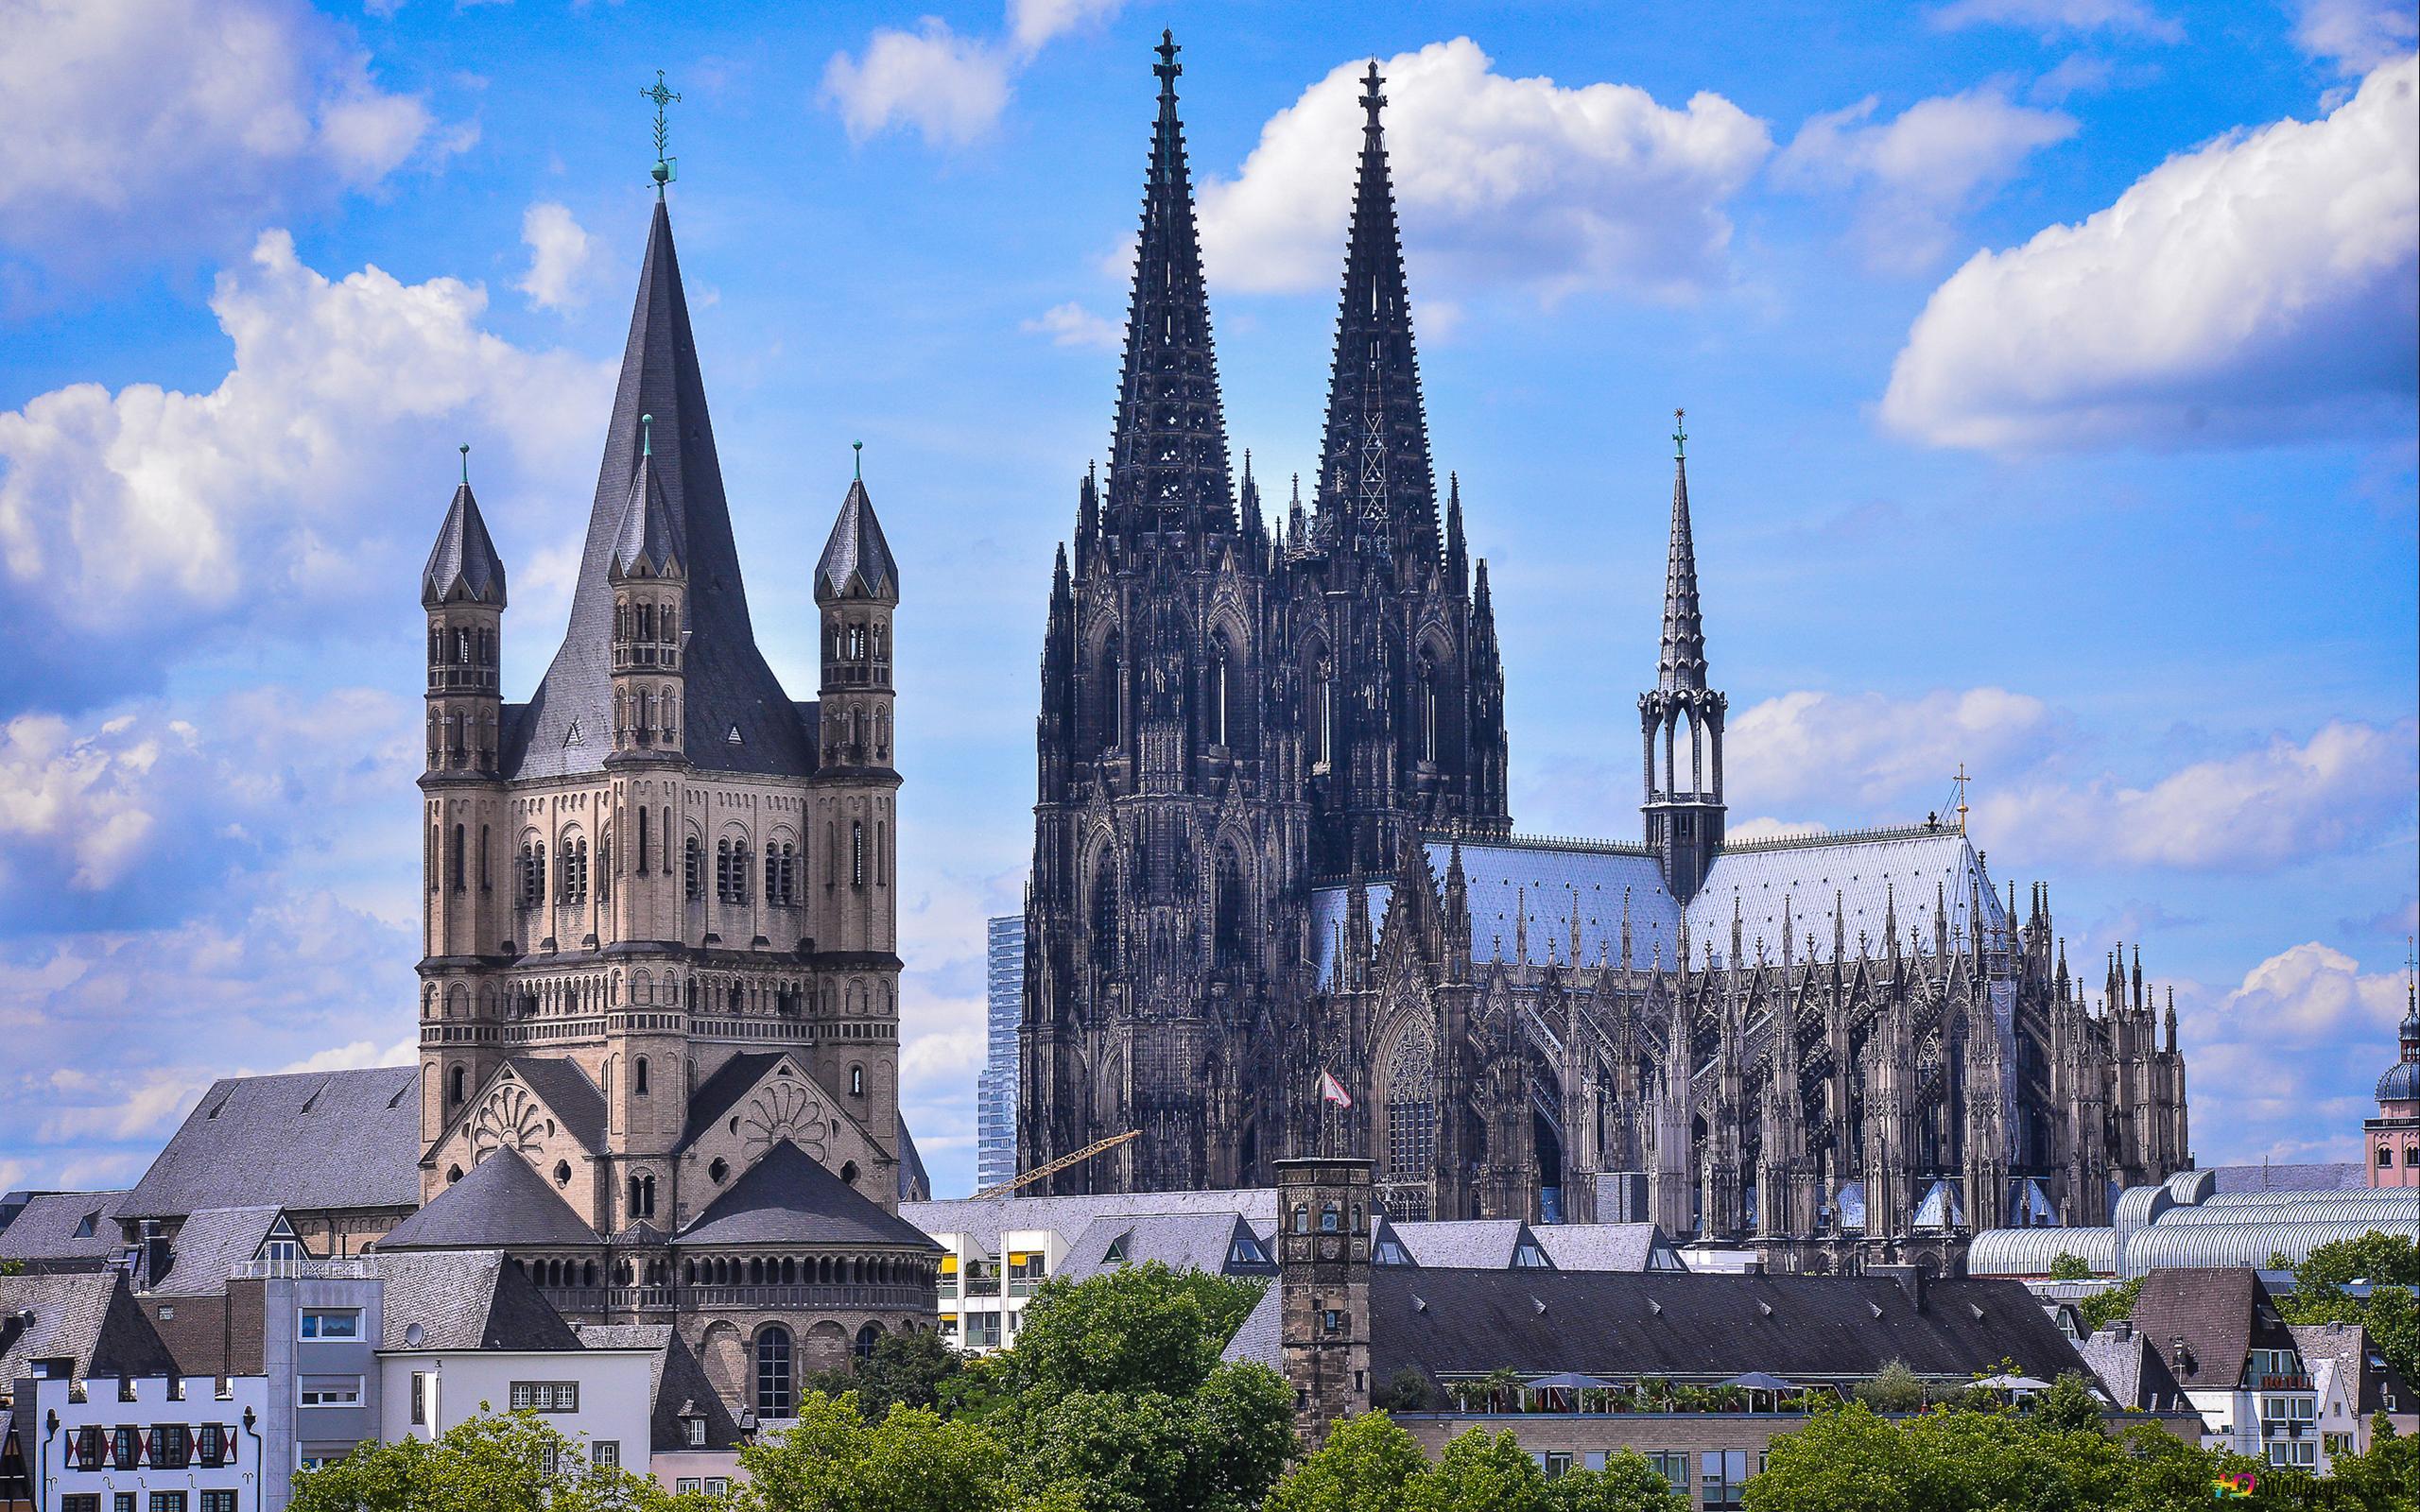 グレートst Martinケルン大聖堂教会 ケルン ドイツ Hd壁紙のダウンロード